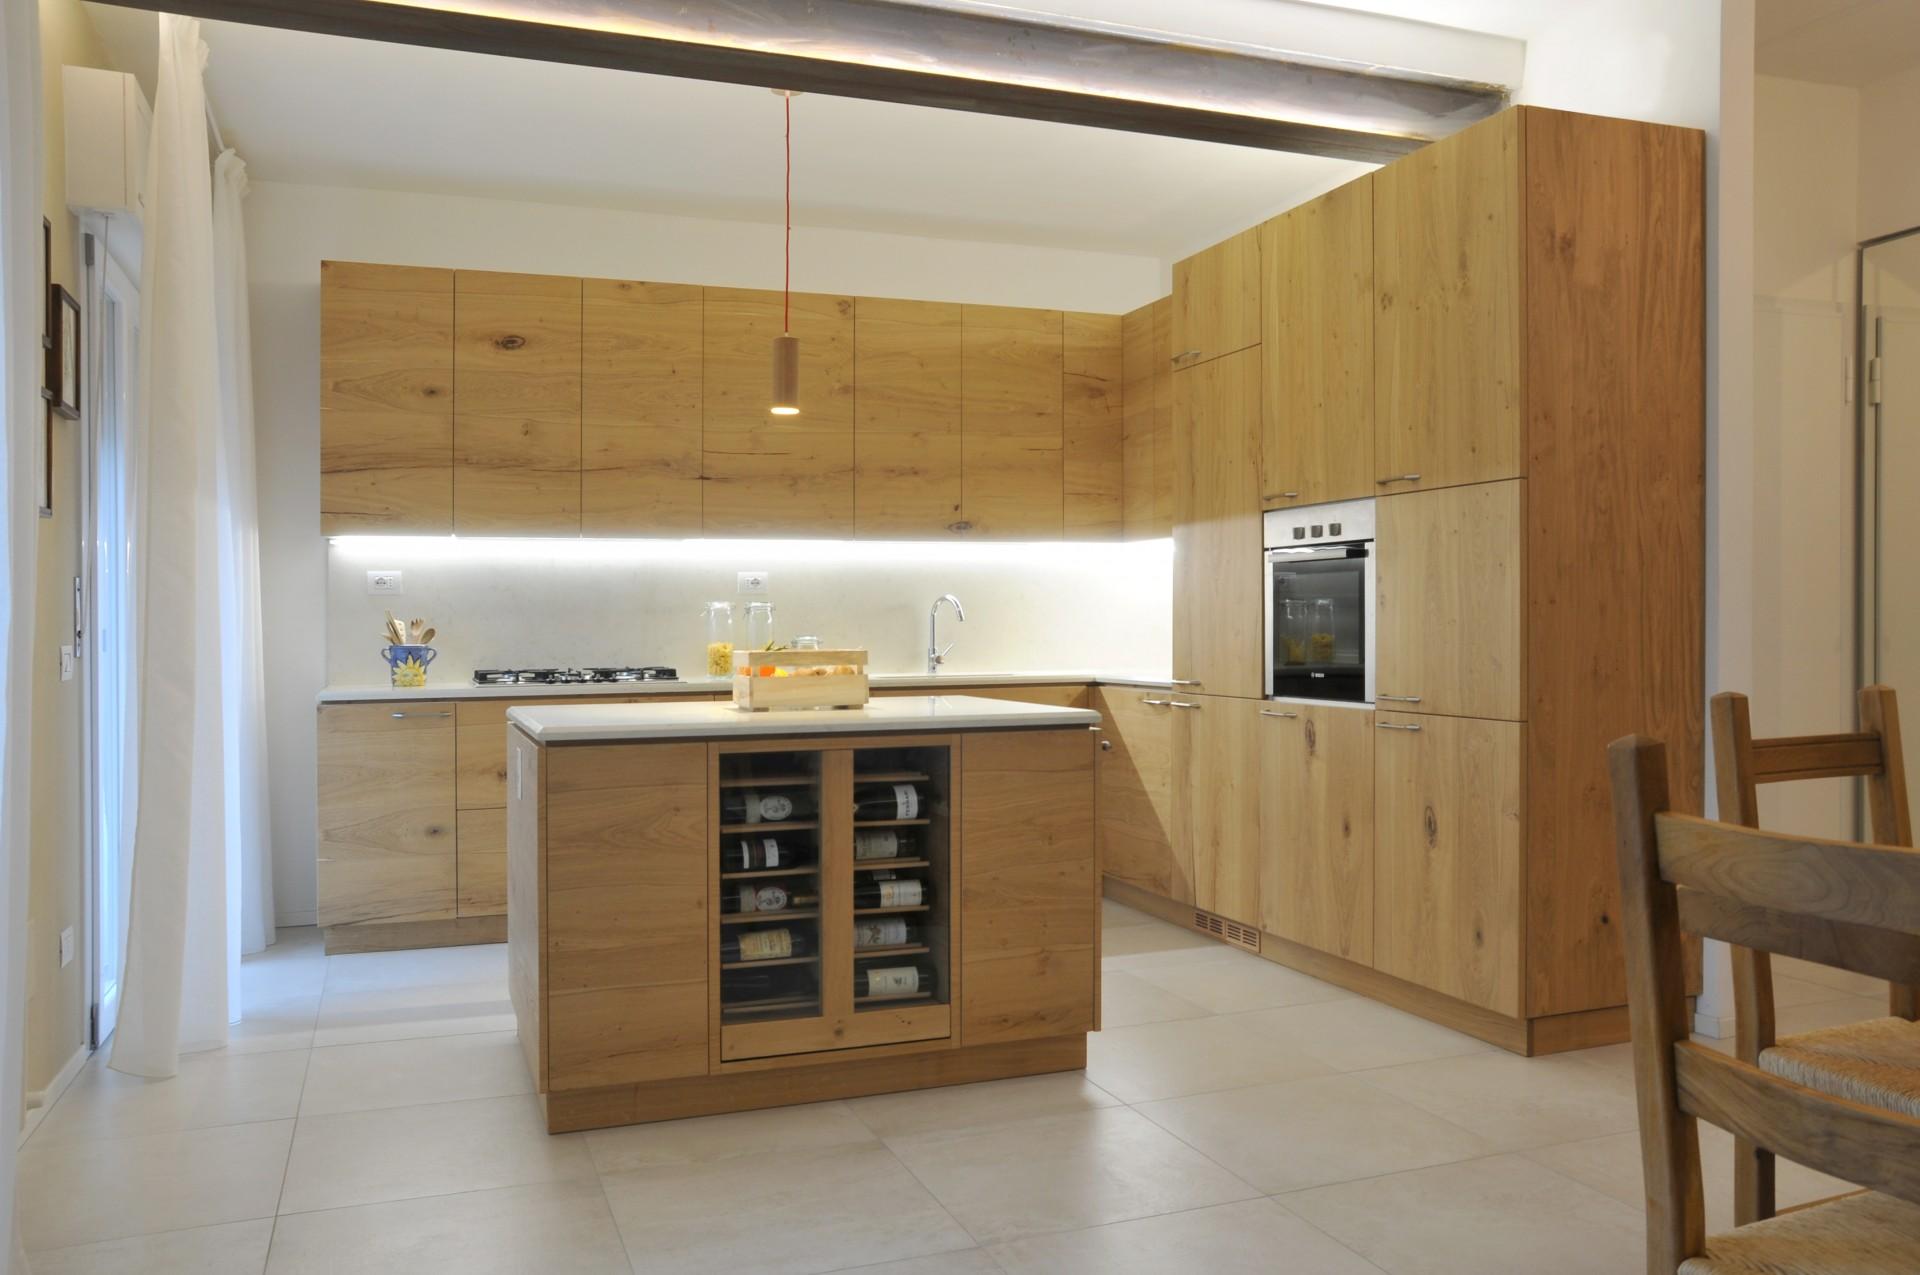 Cucina moderna con isola.